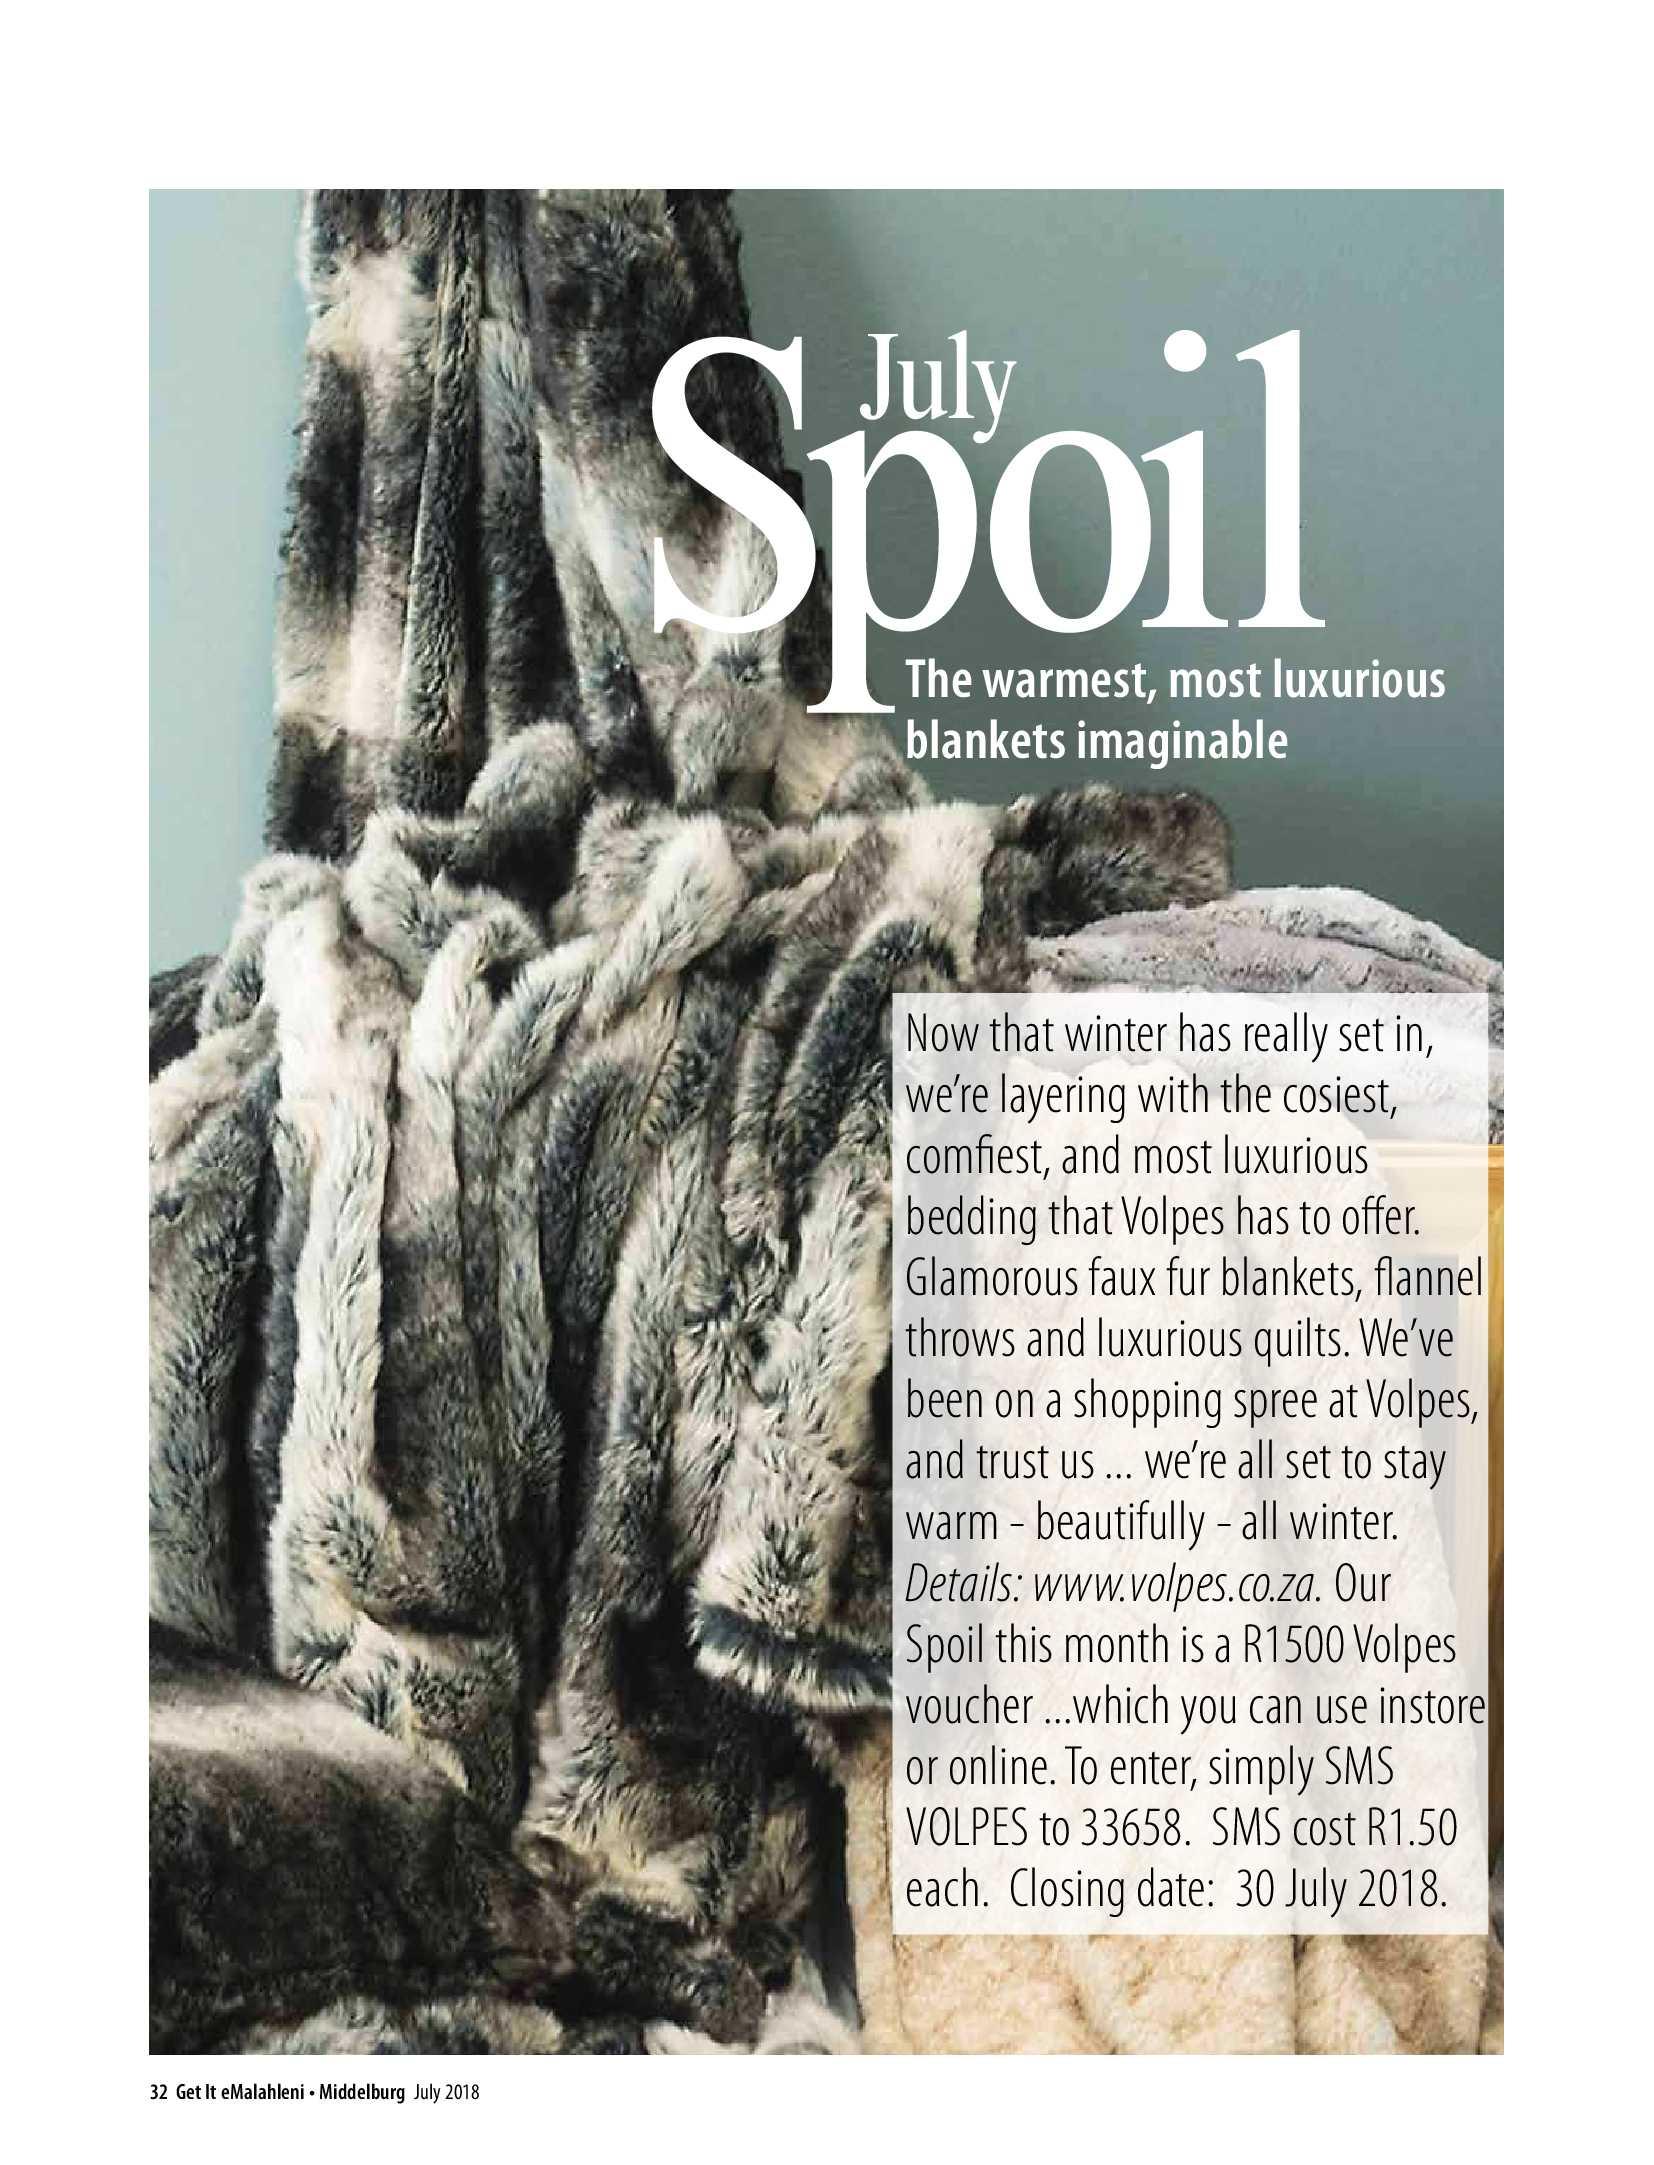 get-middelburg-july-18-epapers-page-34